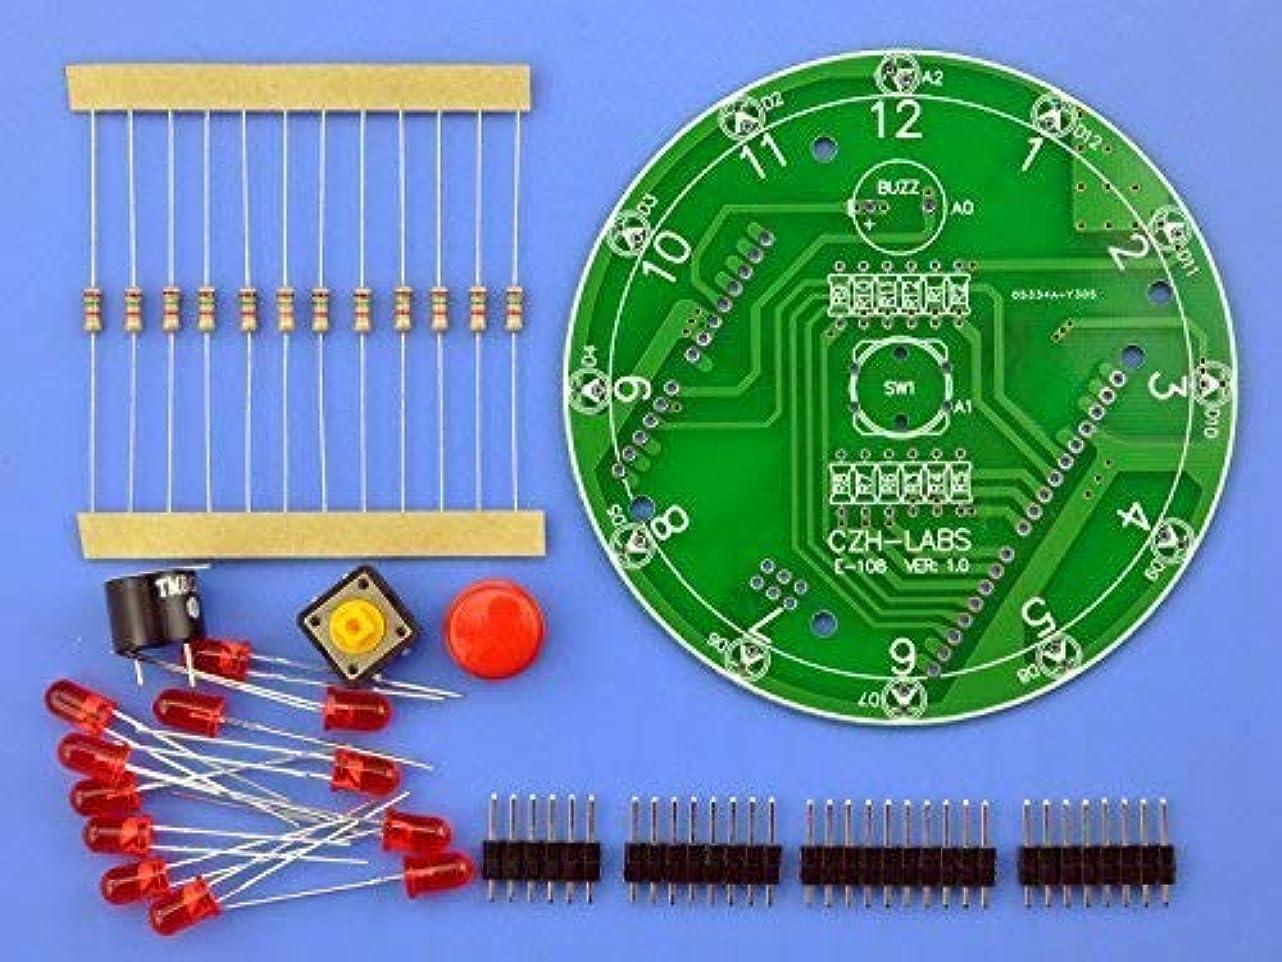 レイアウト志すログCZH-LABS elecronics-サロン12位 Arduino UNO R3用 電子ラッキーロータリーボードキット主導しました